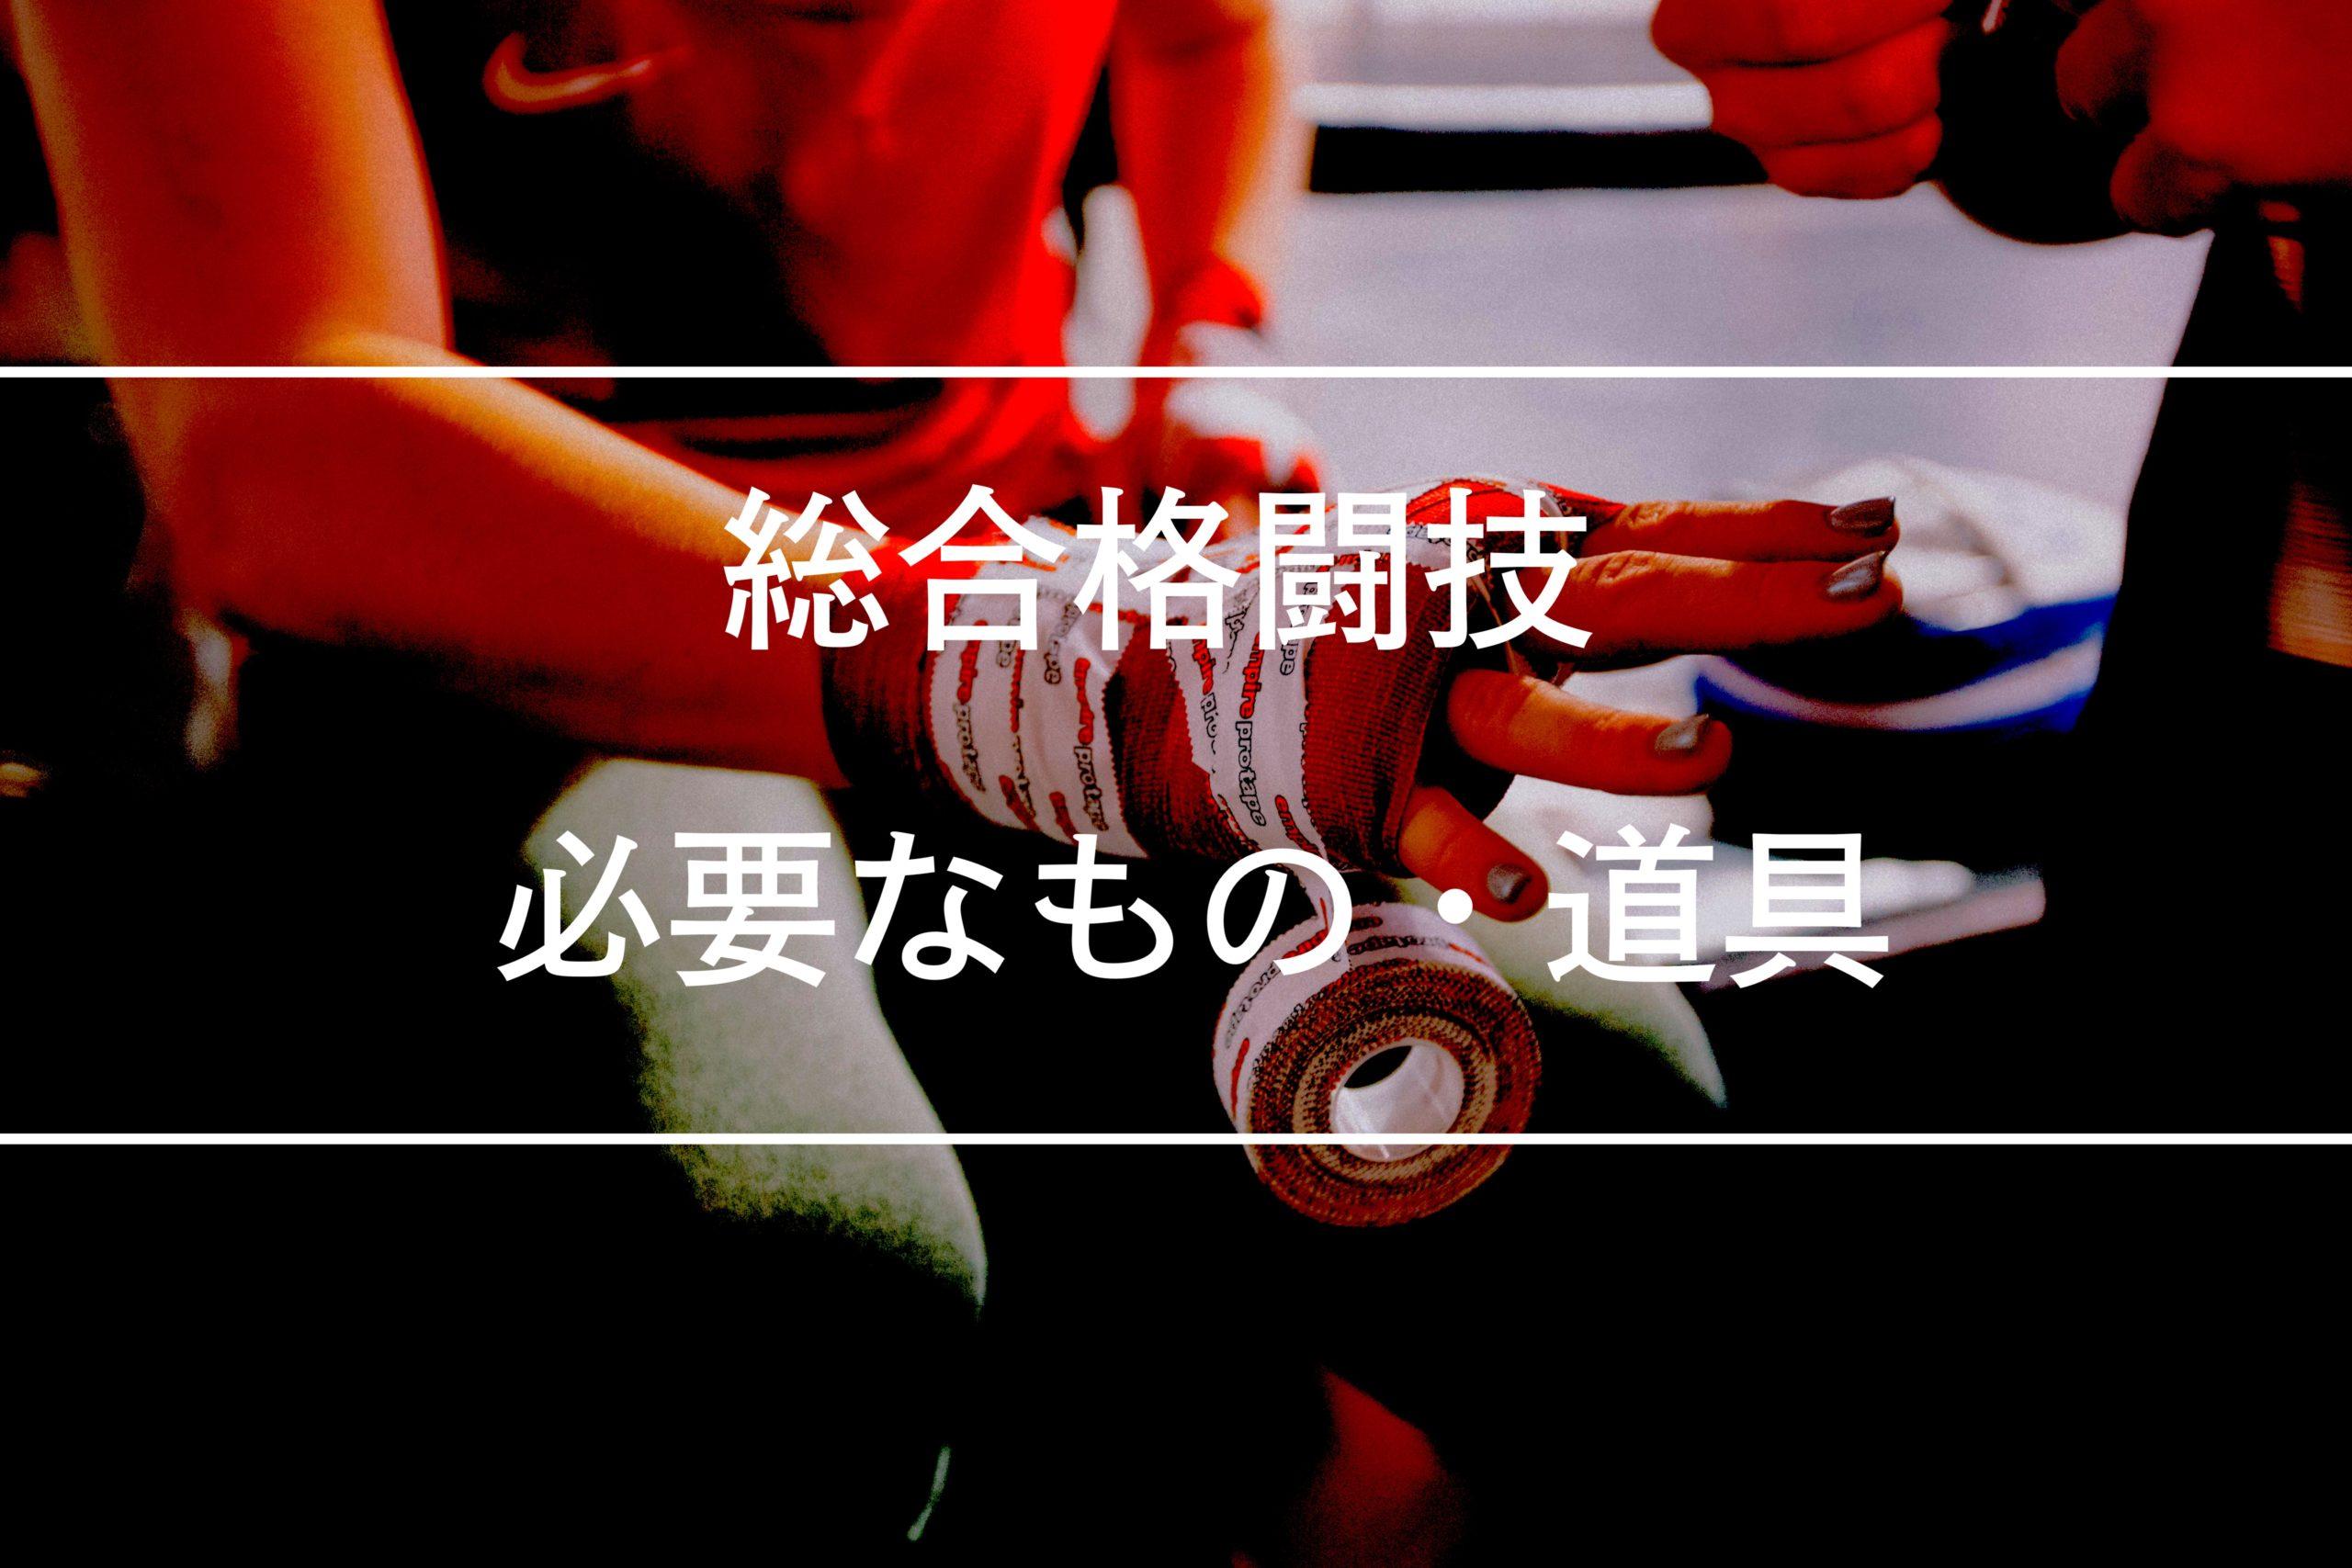 【まとめ】総合格闘技で必要なもの・道具を紹介します。